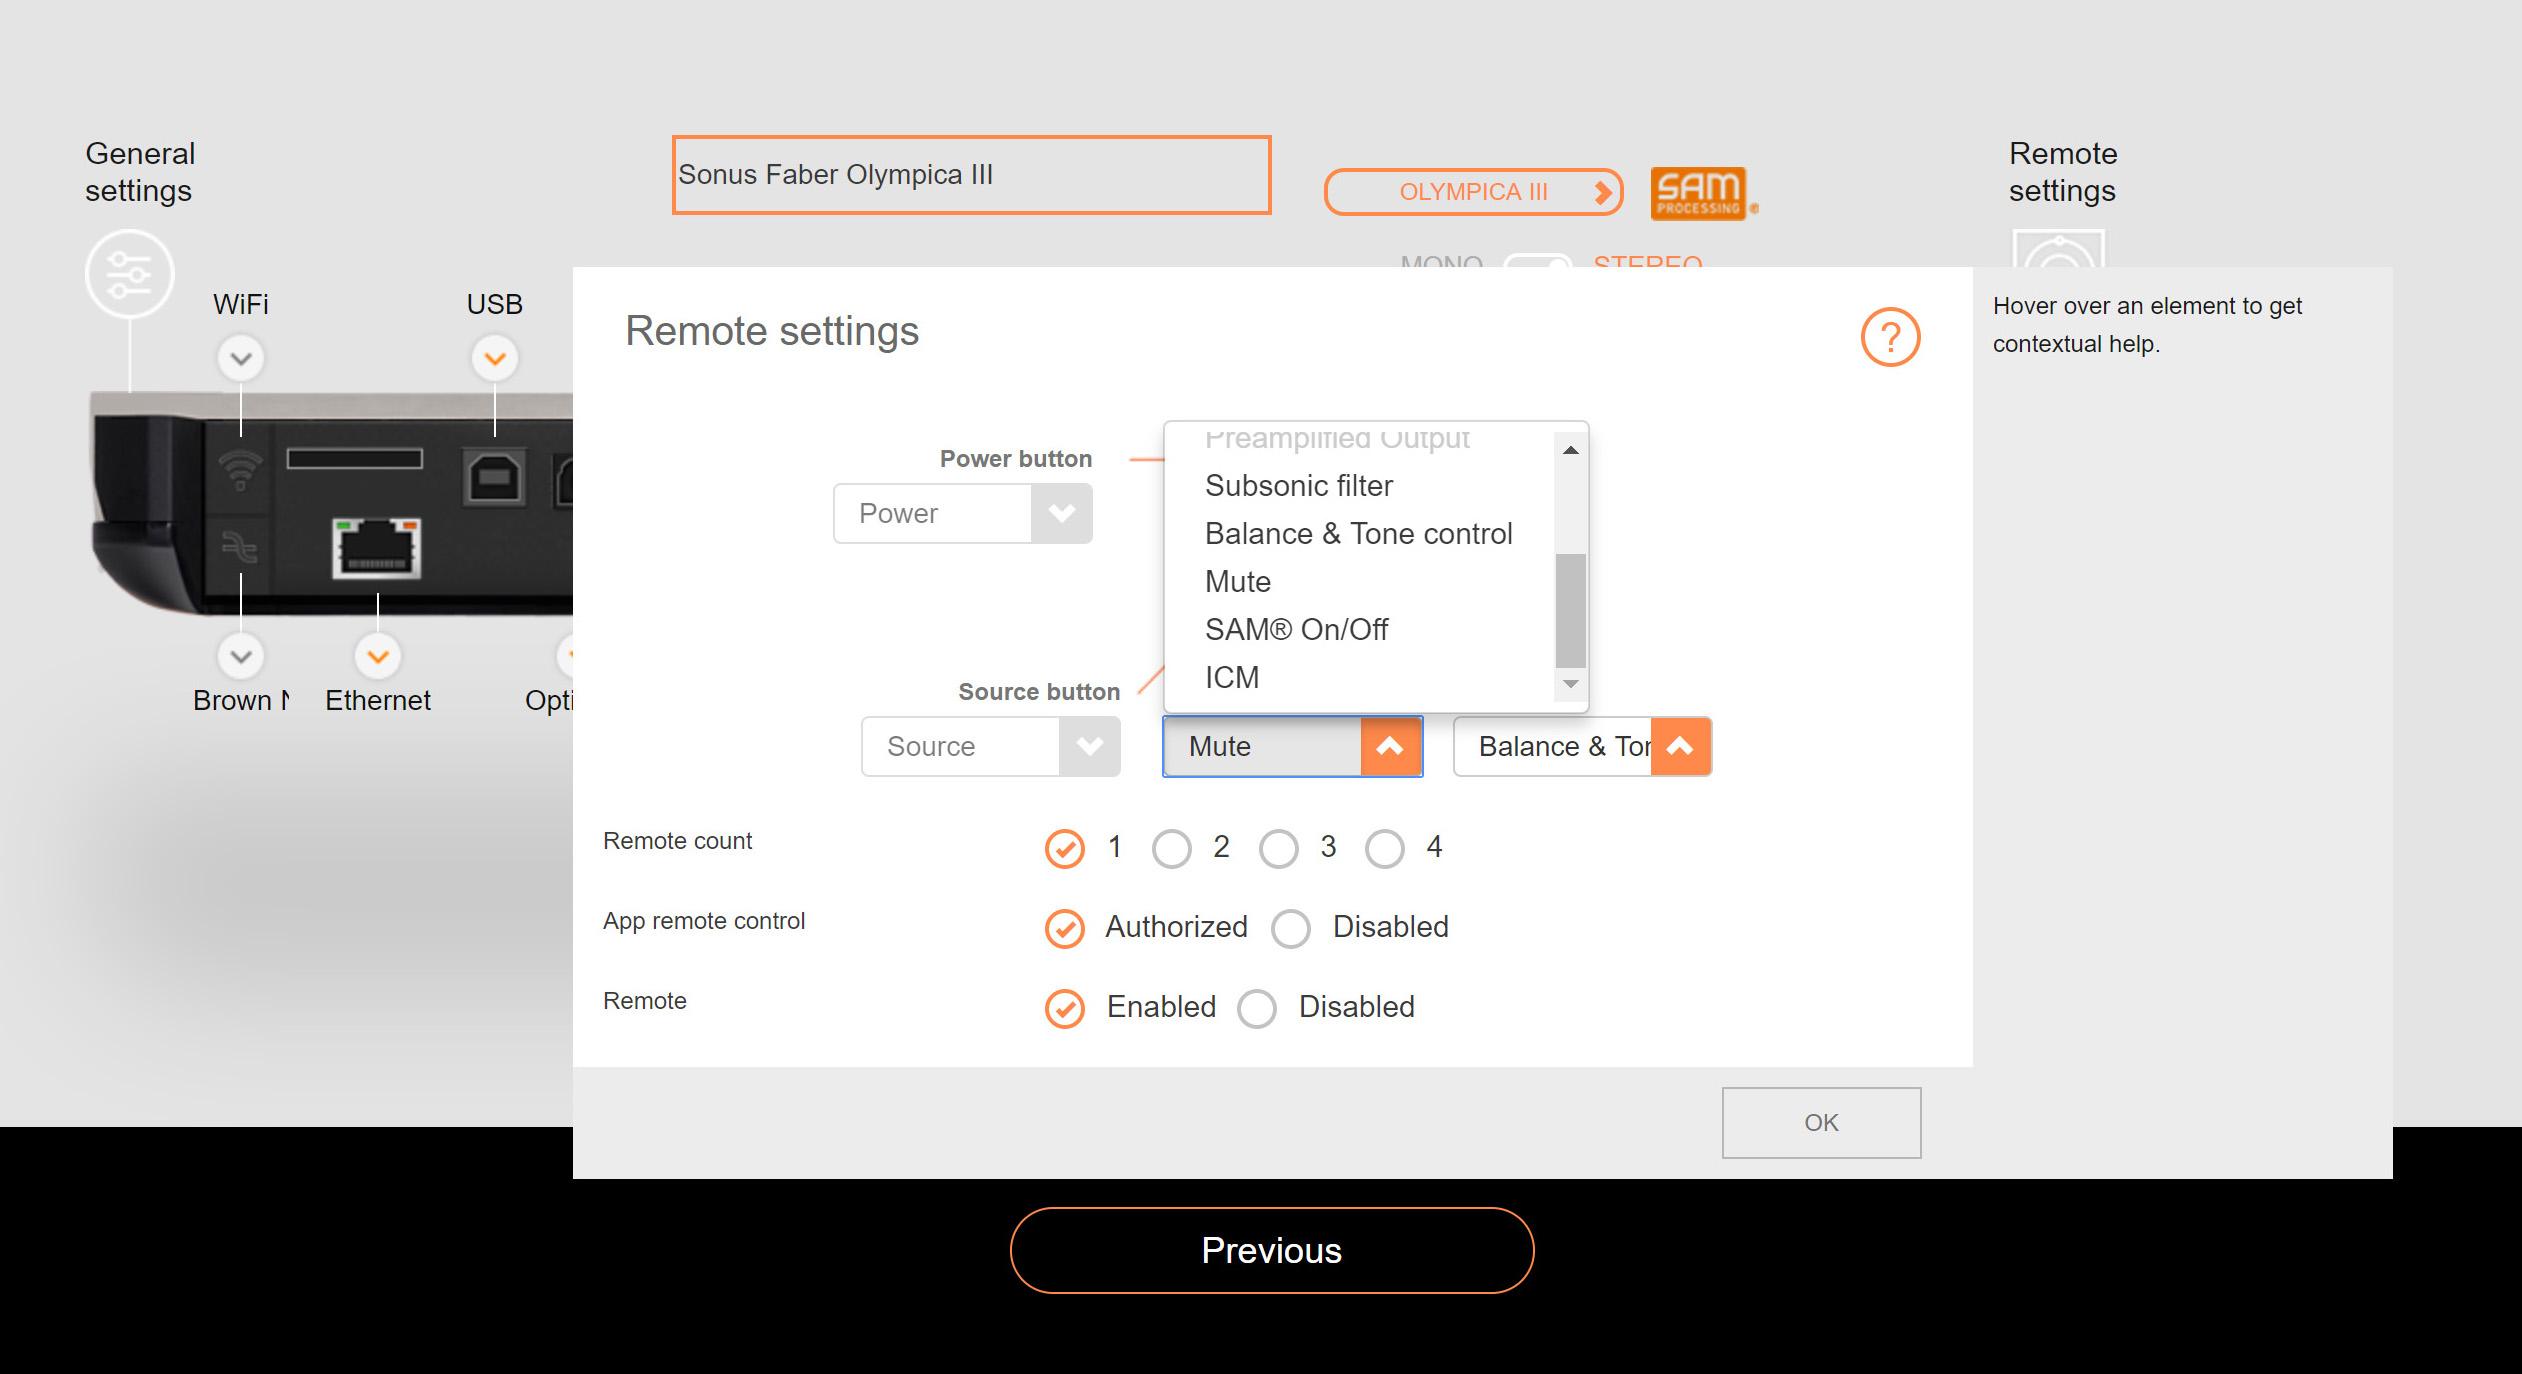 Fra Devialets nettside kan du konfigurere fjernkontrollens funksjoner. Foto: Skjermdump